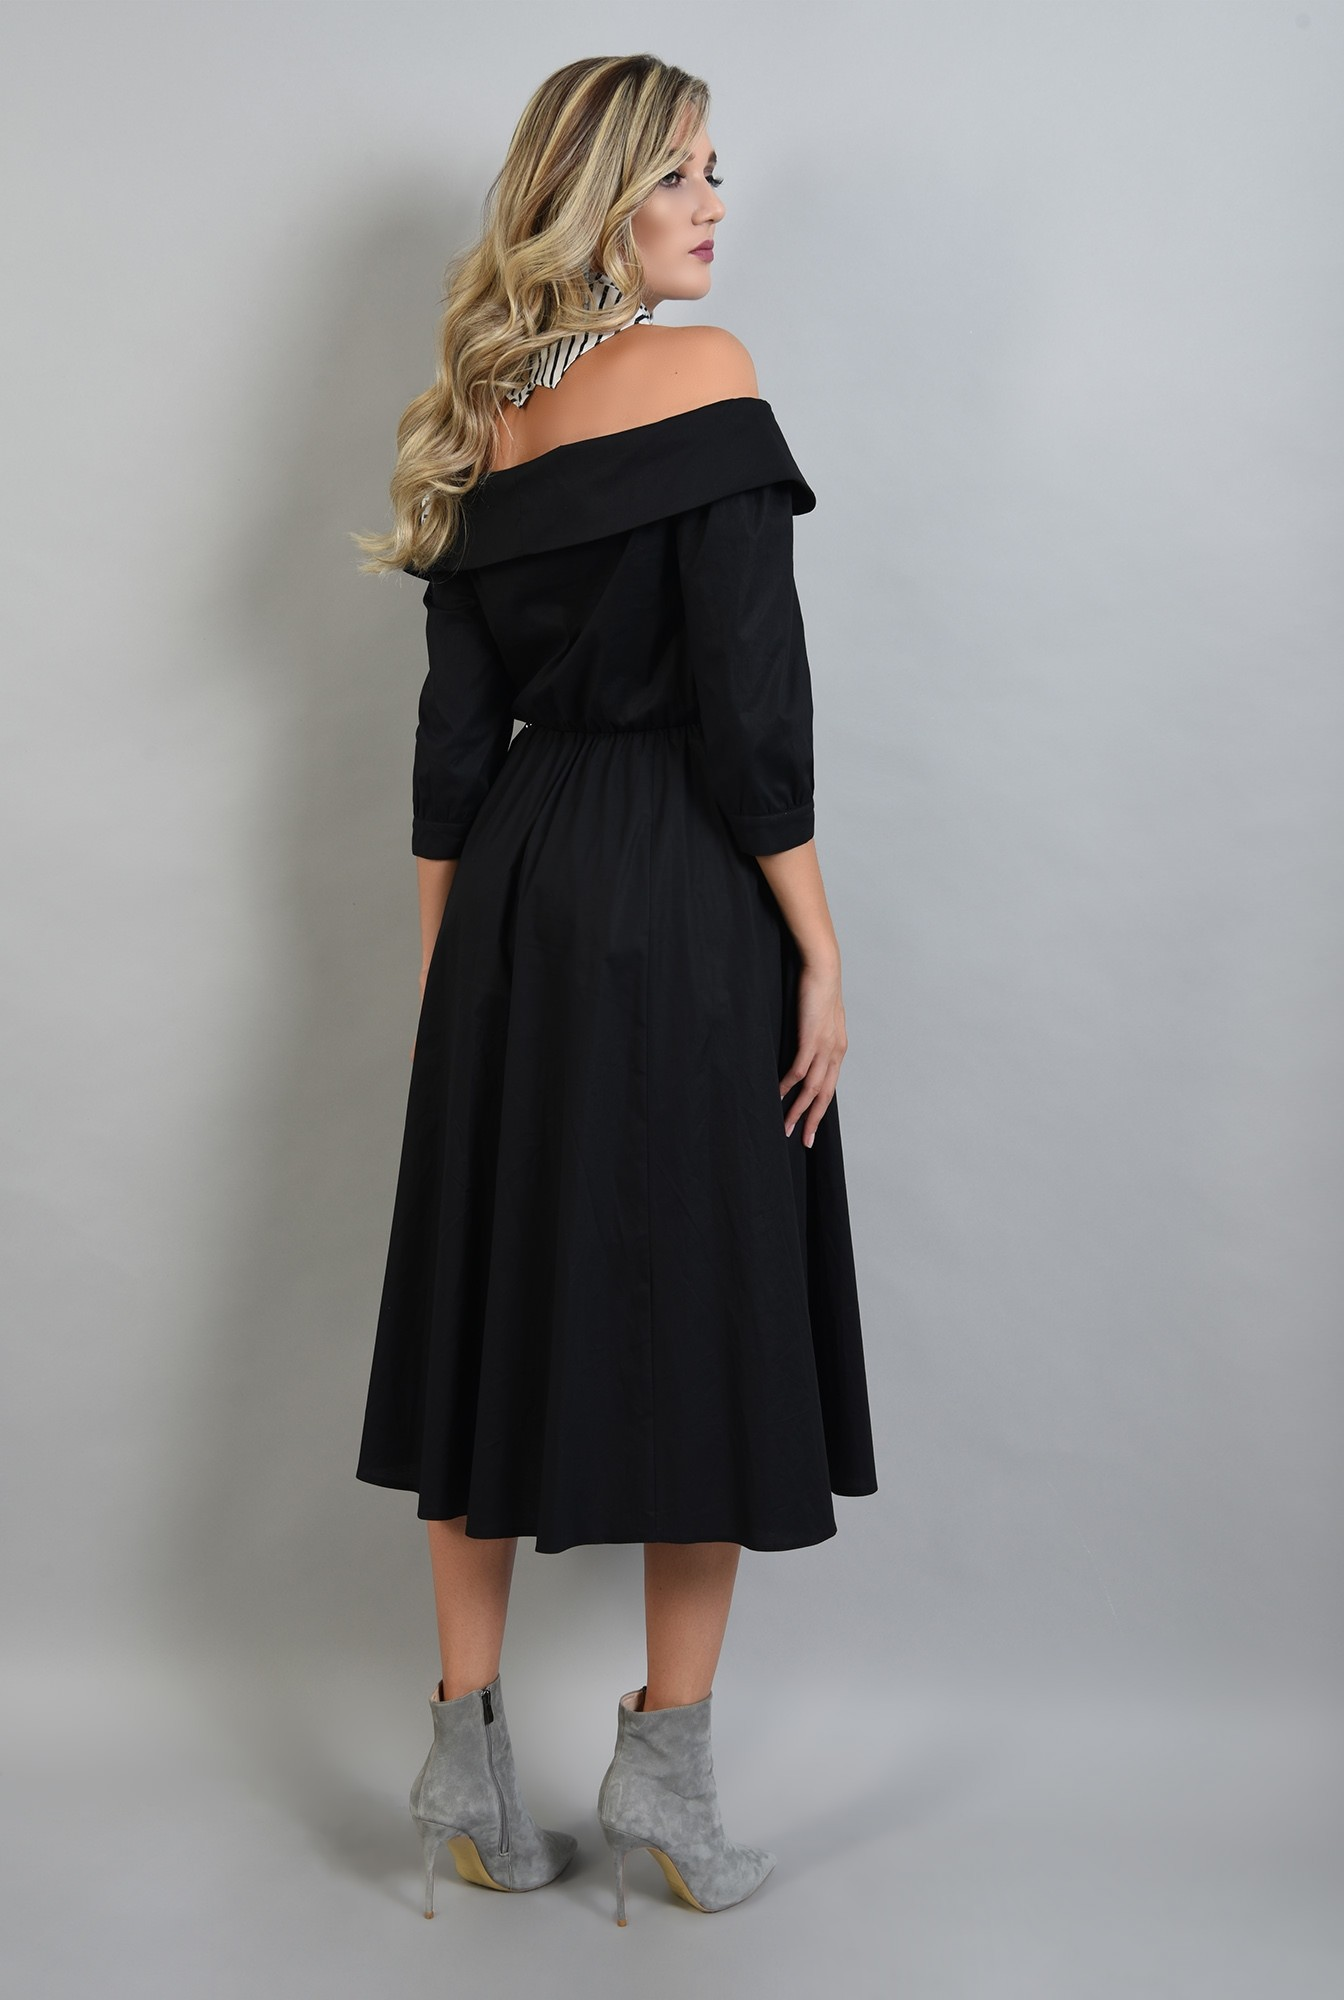 1 - 360 - rochie neagra midi, evazata, Poema